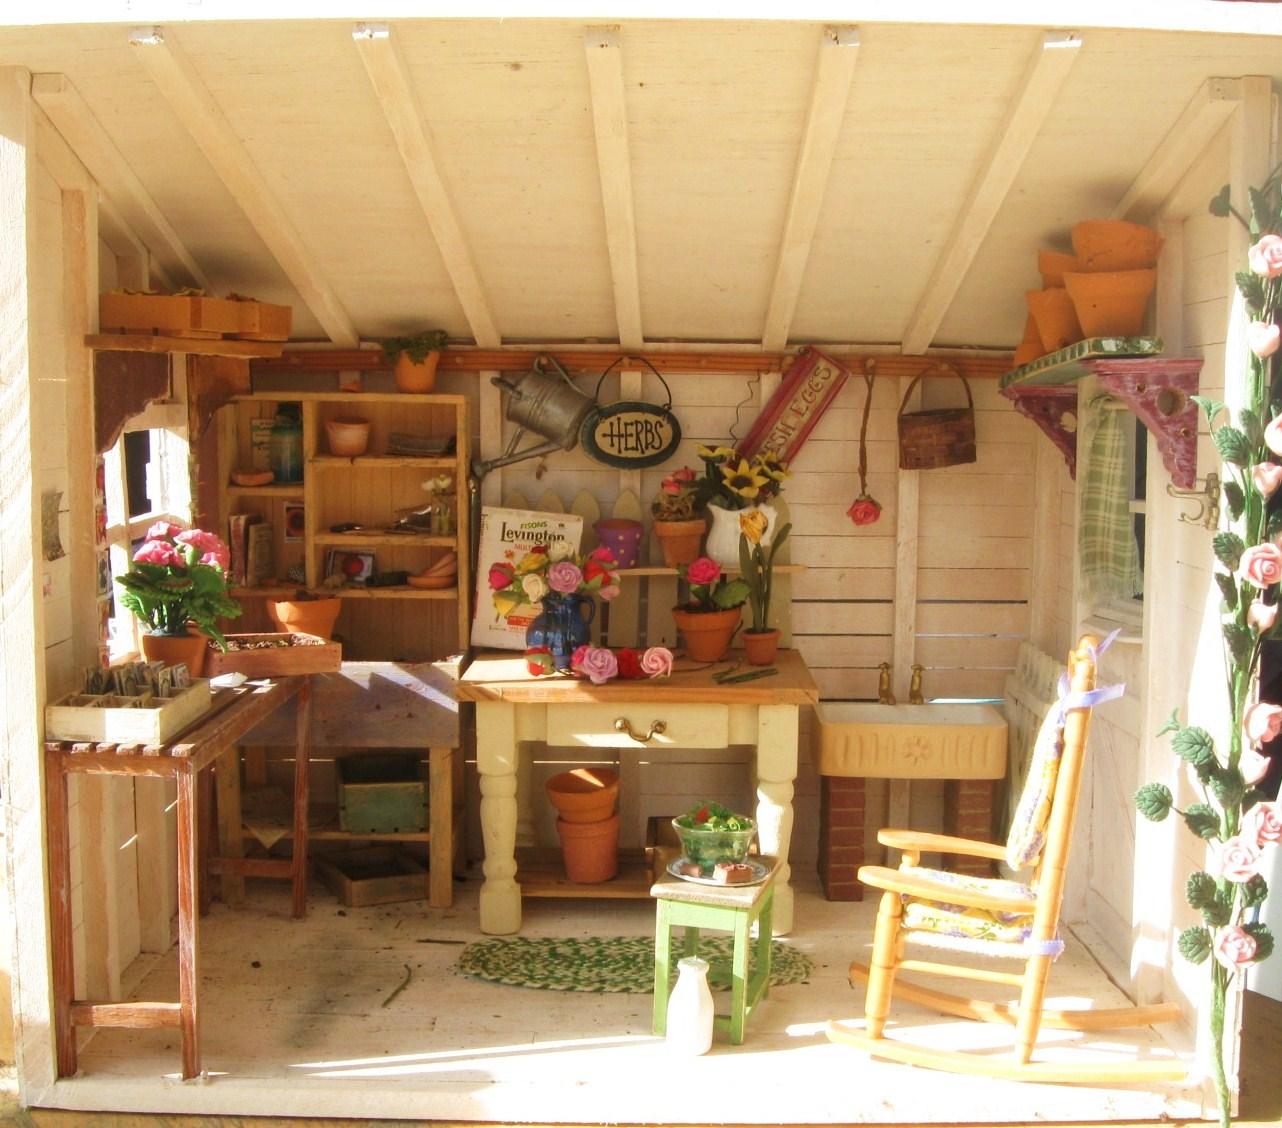 Hintergrundbilder : Blumen, Hase, Rahmen, Projekt, Garten, eins ...